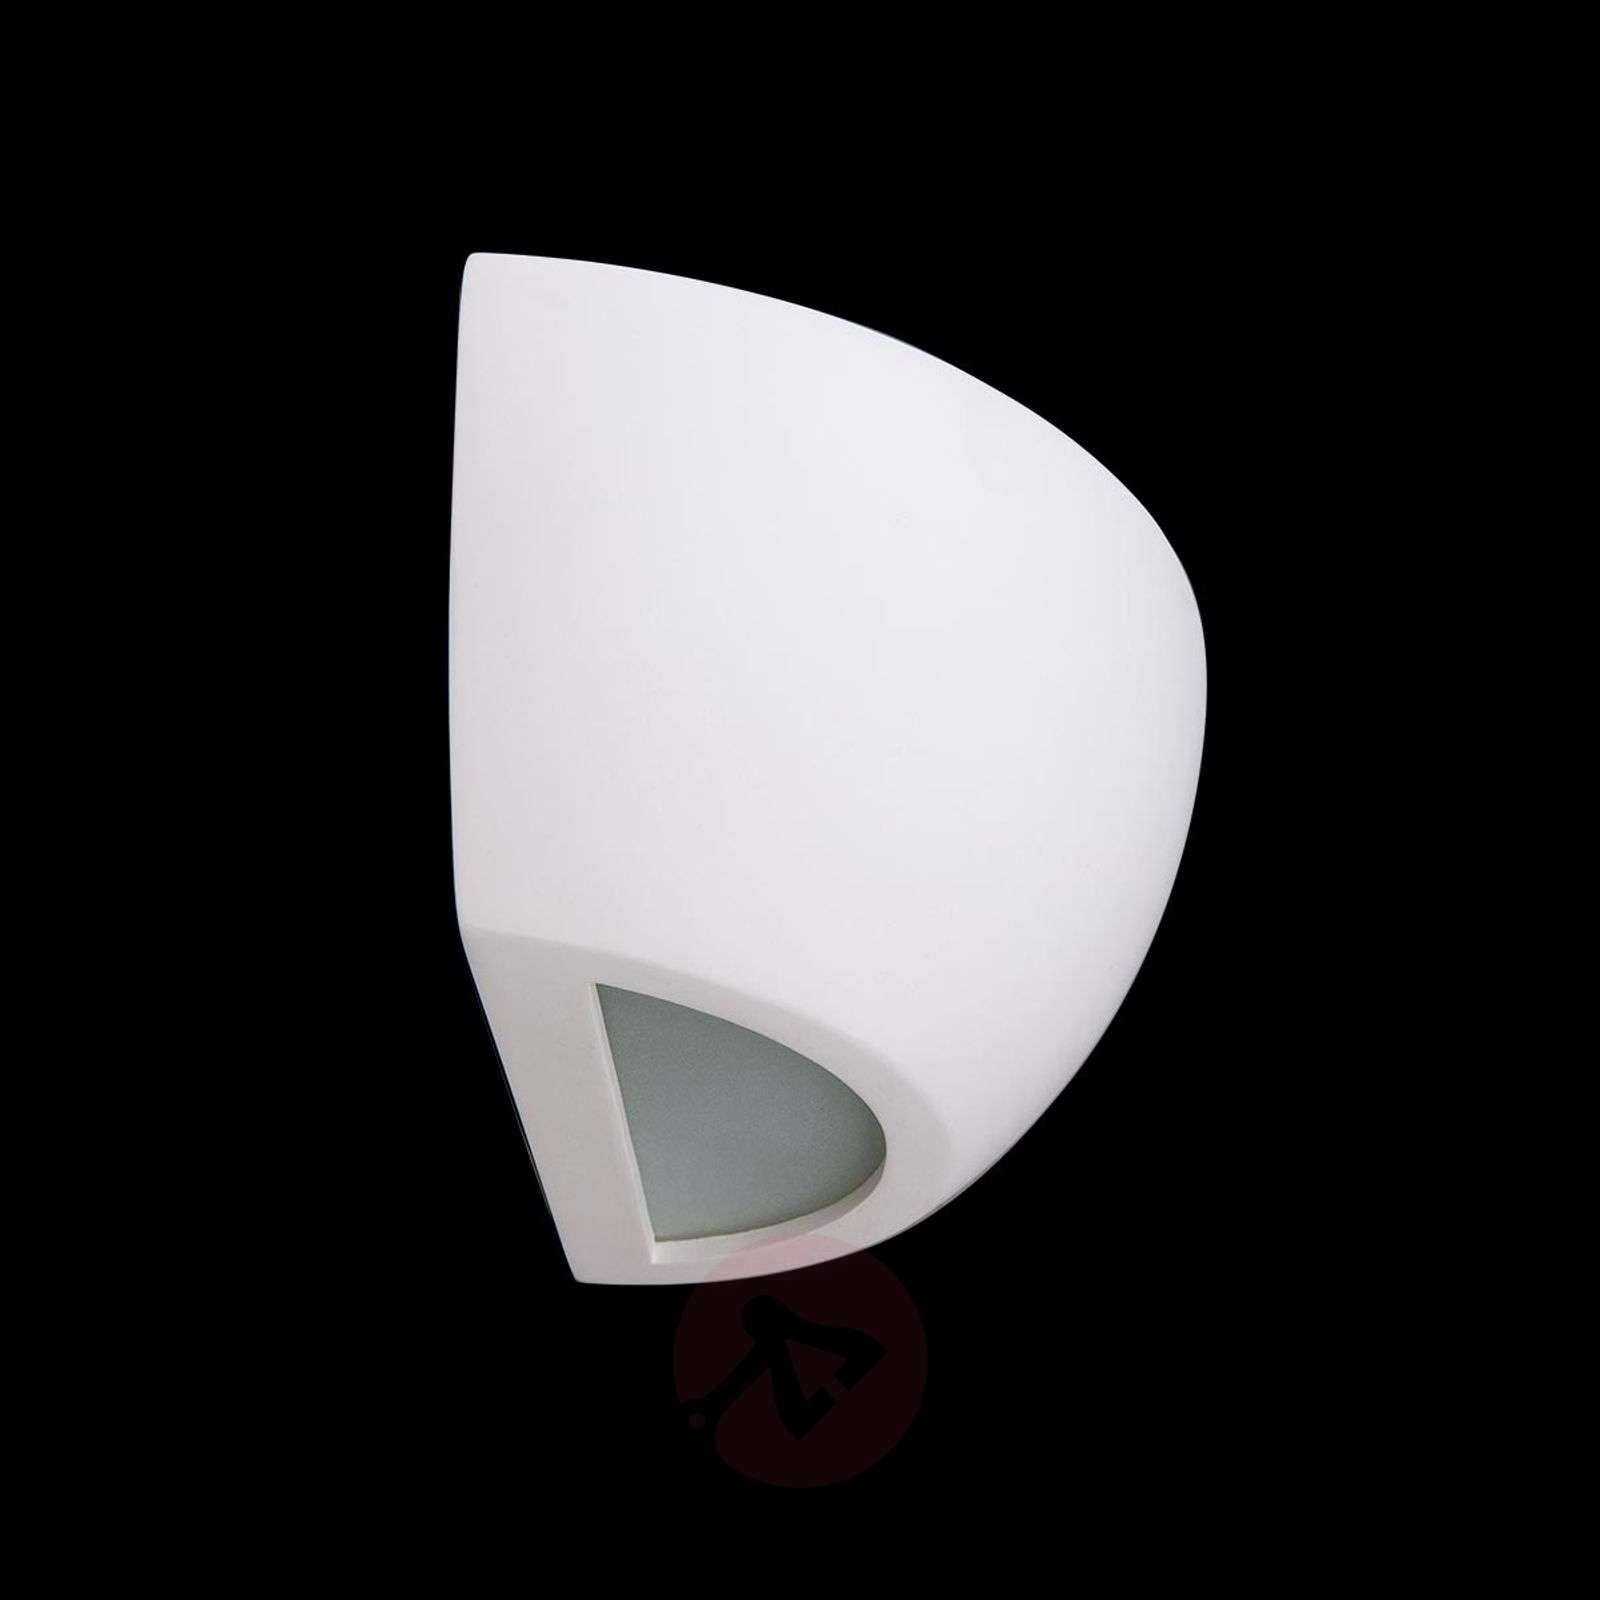 Felia elegantti kipsi-seinävalaisin valkoinen-9613007-02